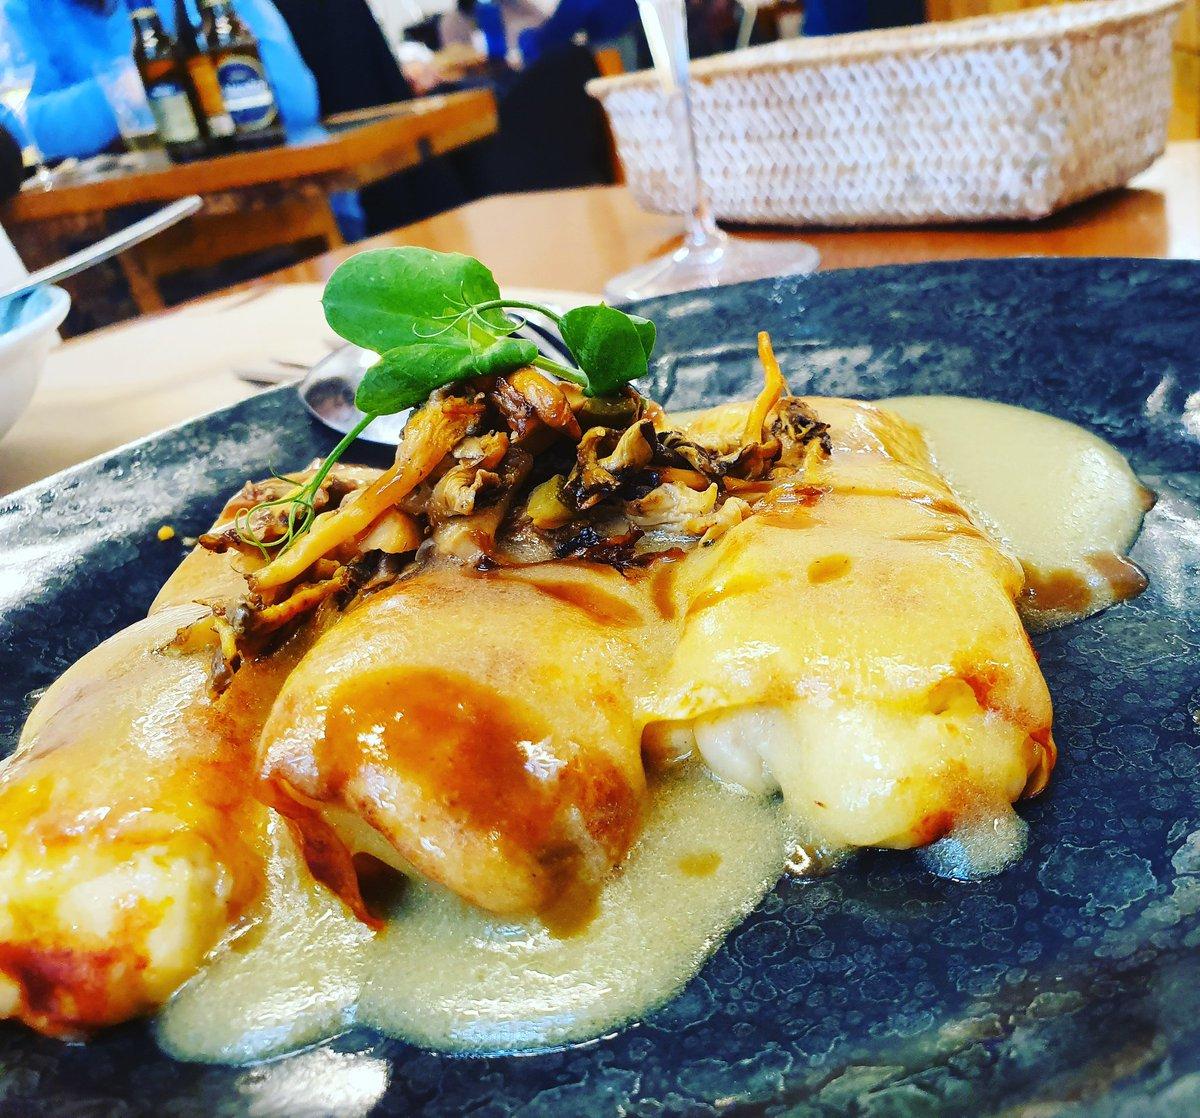 #canelones de #bacalao y #pilpil de @restaurantelacarpinteria en #bouzas #vigo #vigosecome #dondecomer #comerenvigo #vigocity #riasbaixas #gastroigers #gastronomia #gastrosensaciones #galicia #vigomola #galiciamola #restaurantes #foodies